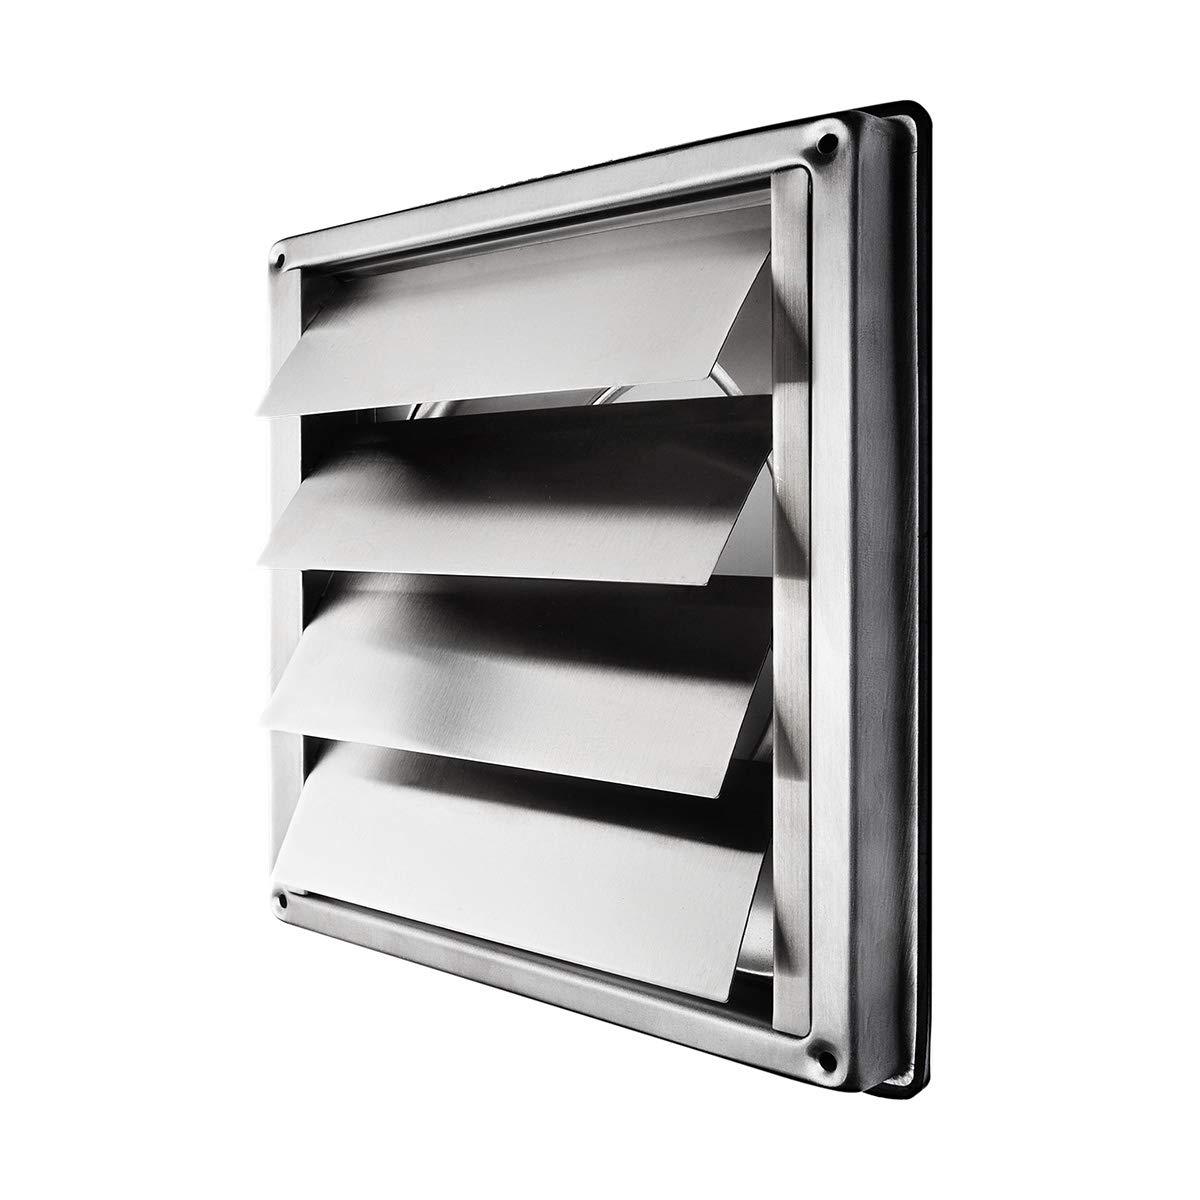 Klimapartner VKE 125 - Grille de Sortie Extérieure à Clapets Inox product image